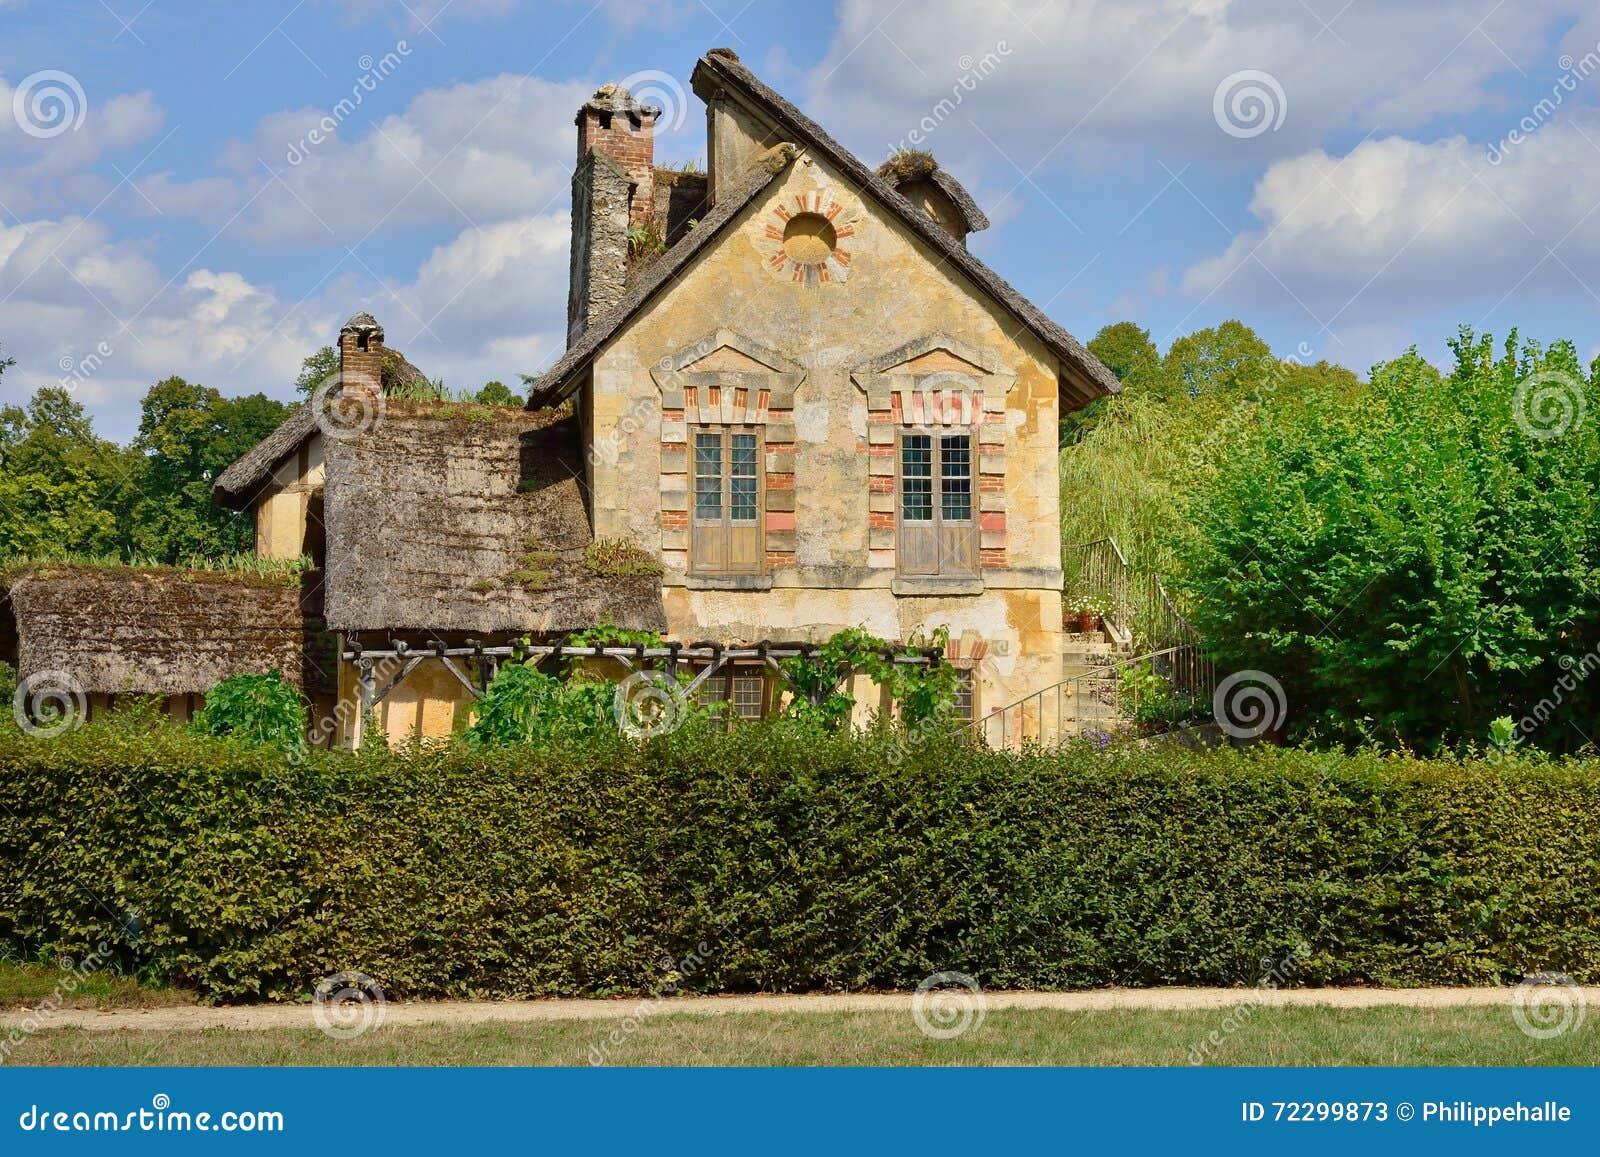 Download Версаль, Франция - 19-ое августа 2015: Замок Версаль Редакционное Стоковое Фото - изображение насчитывающей деревушка, европа: 72299873